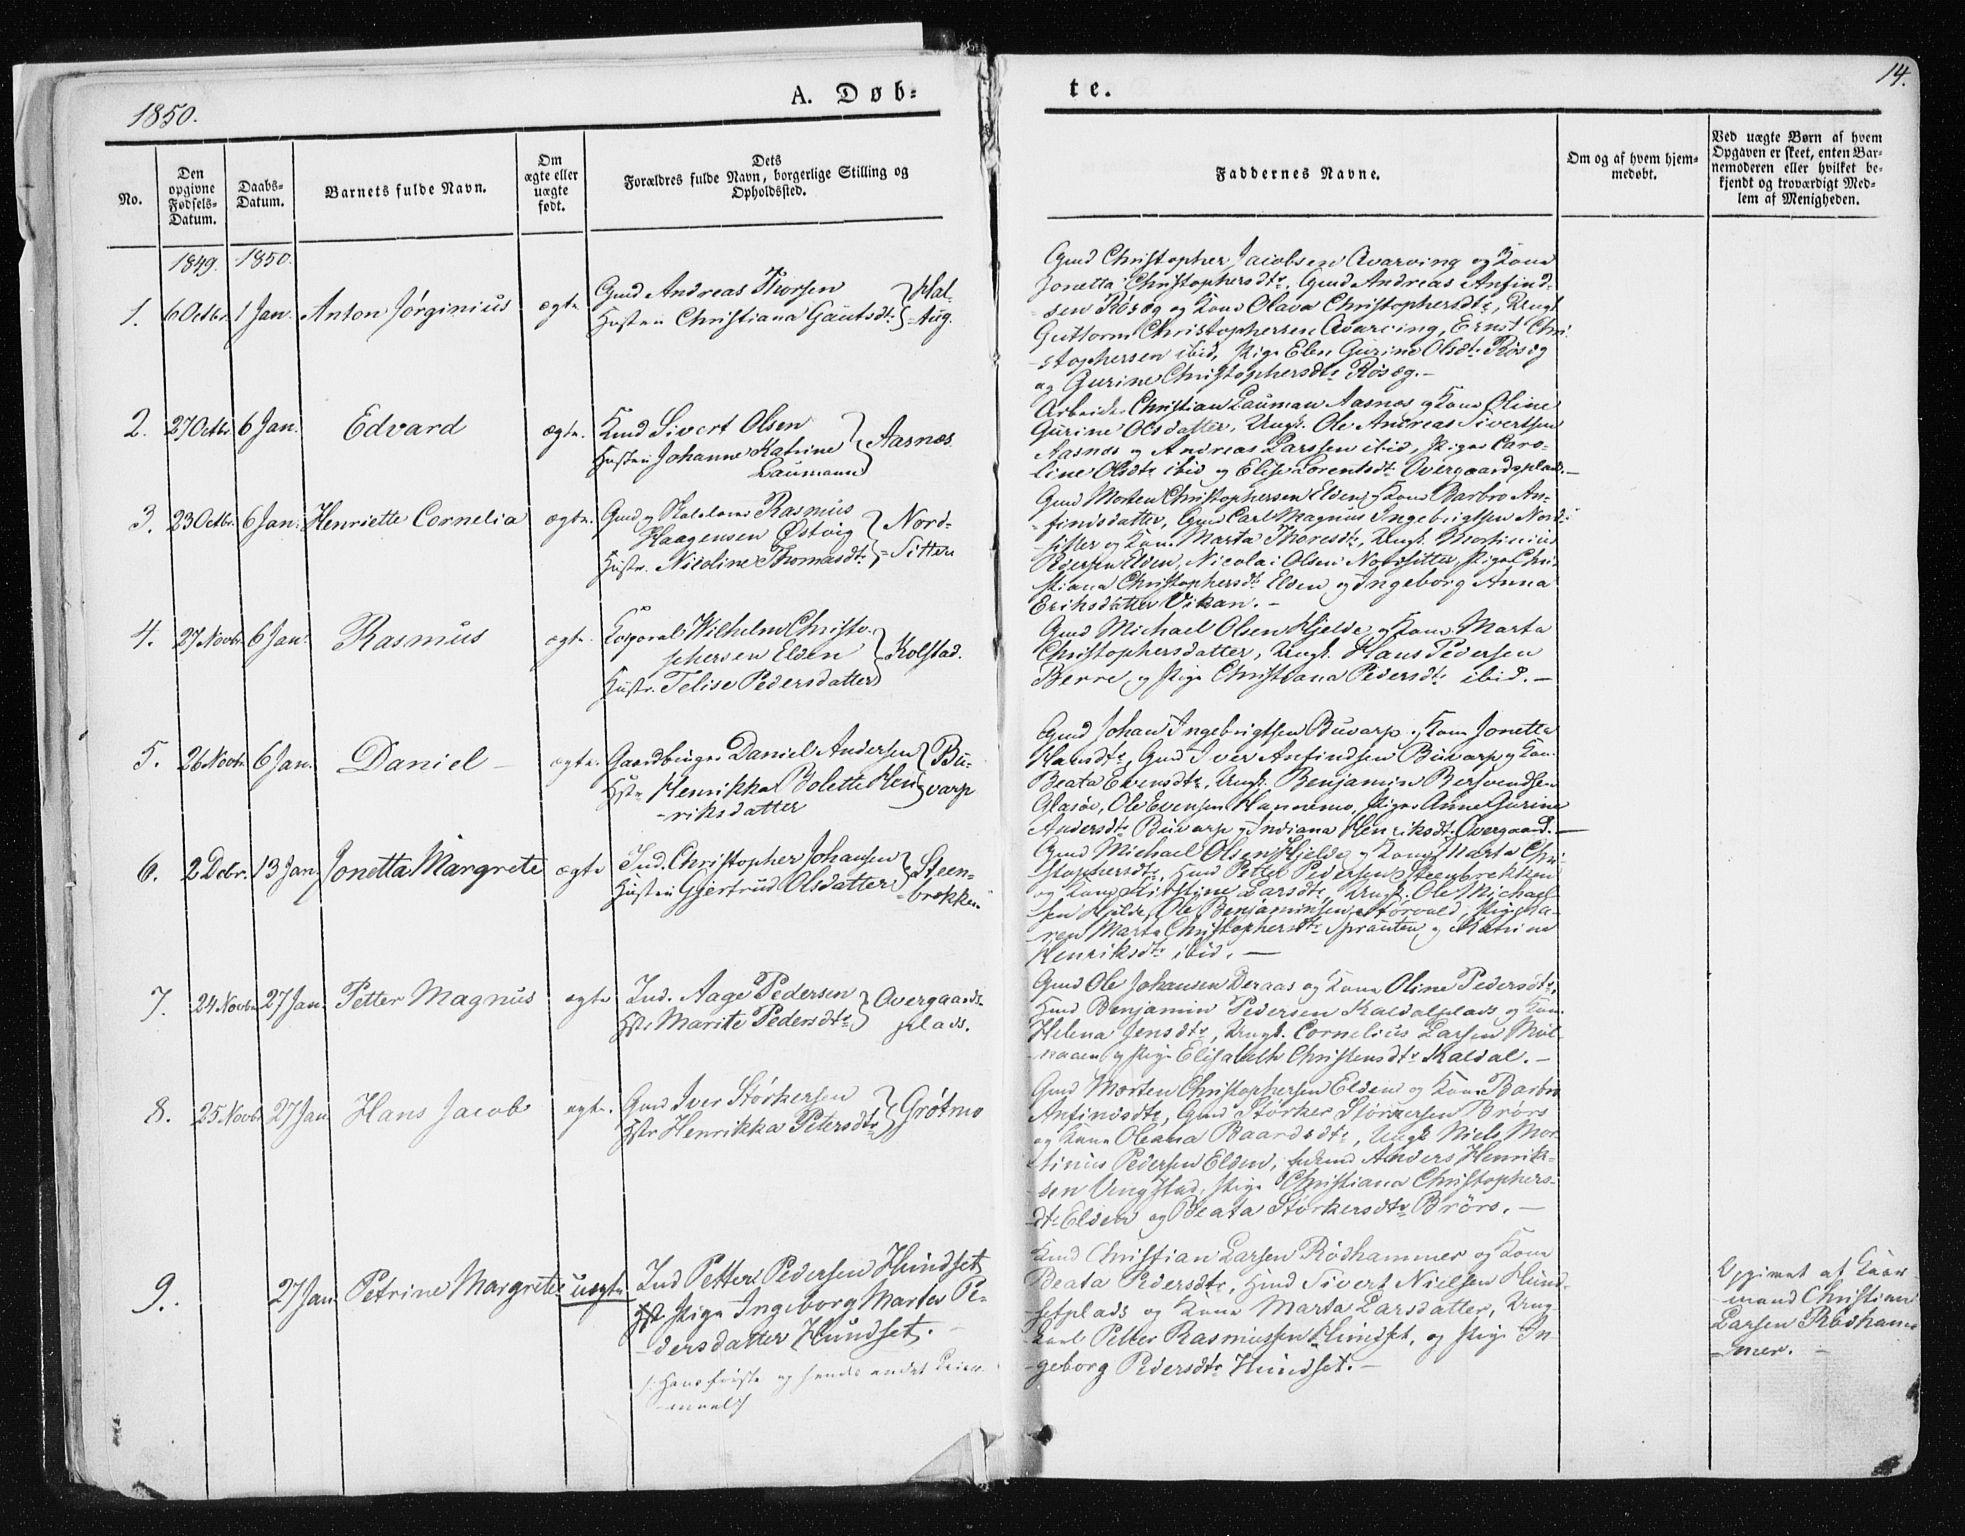 SAT, Ministerialprotokoller, klokkerbøker og fødselsregistre - Nord-Trøndelag, 741/L0393: Ministerialbok nr. 741A07, 1849-1863, s. 14